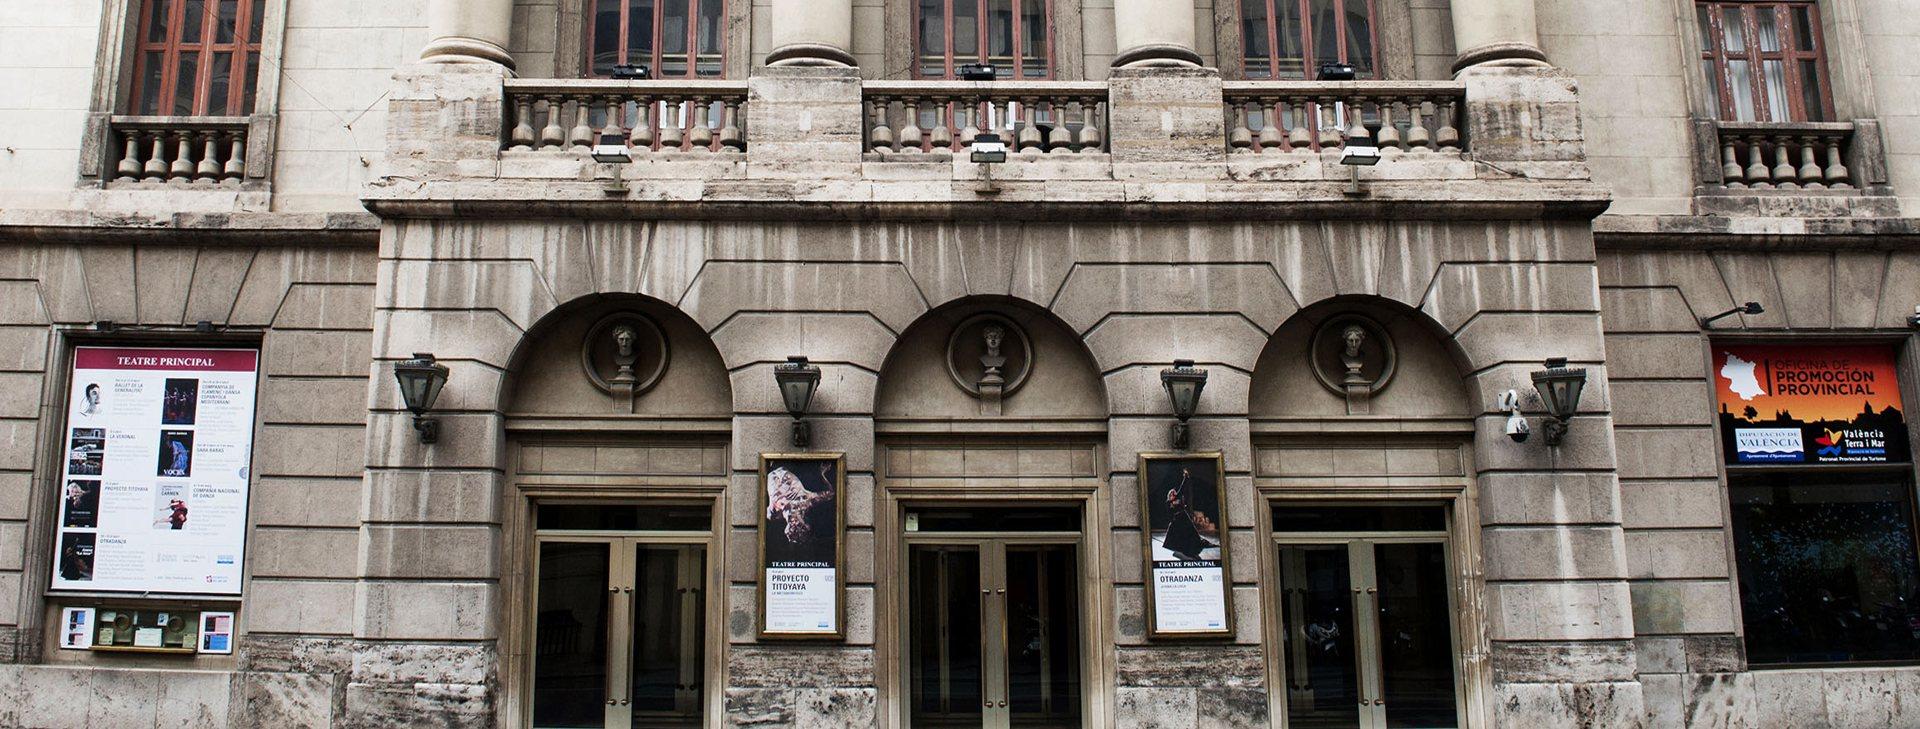 sedes teatro principal